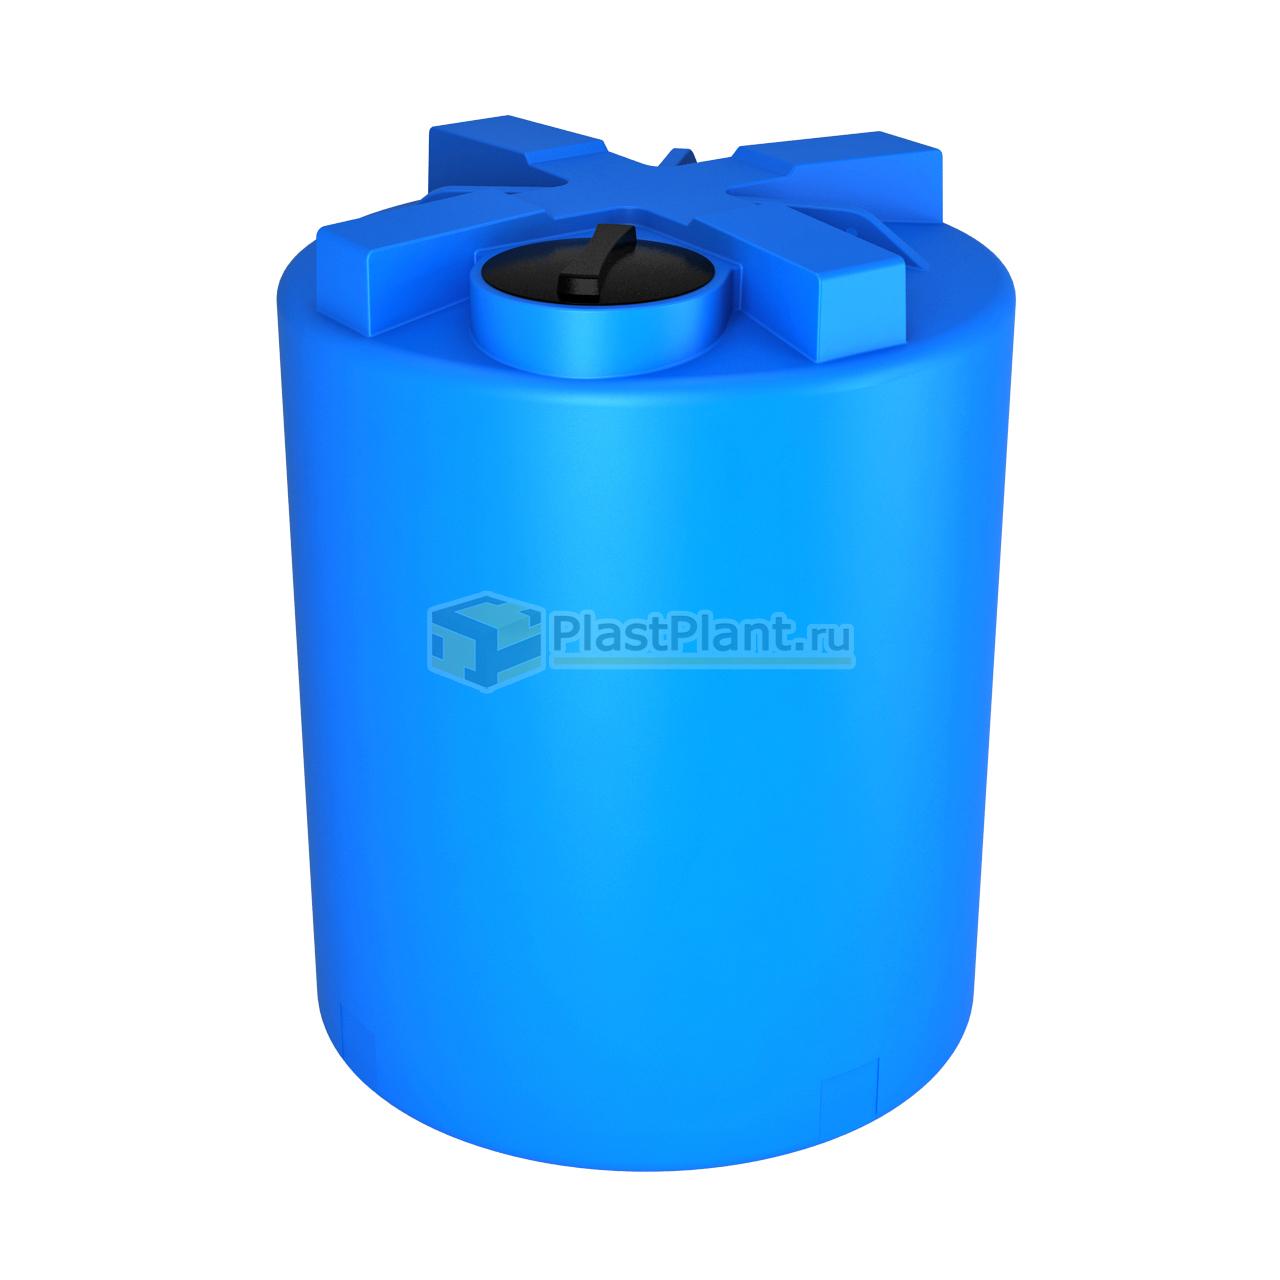 Пластиковая емкость Т 3000 литров